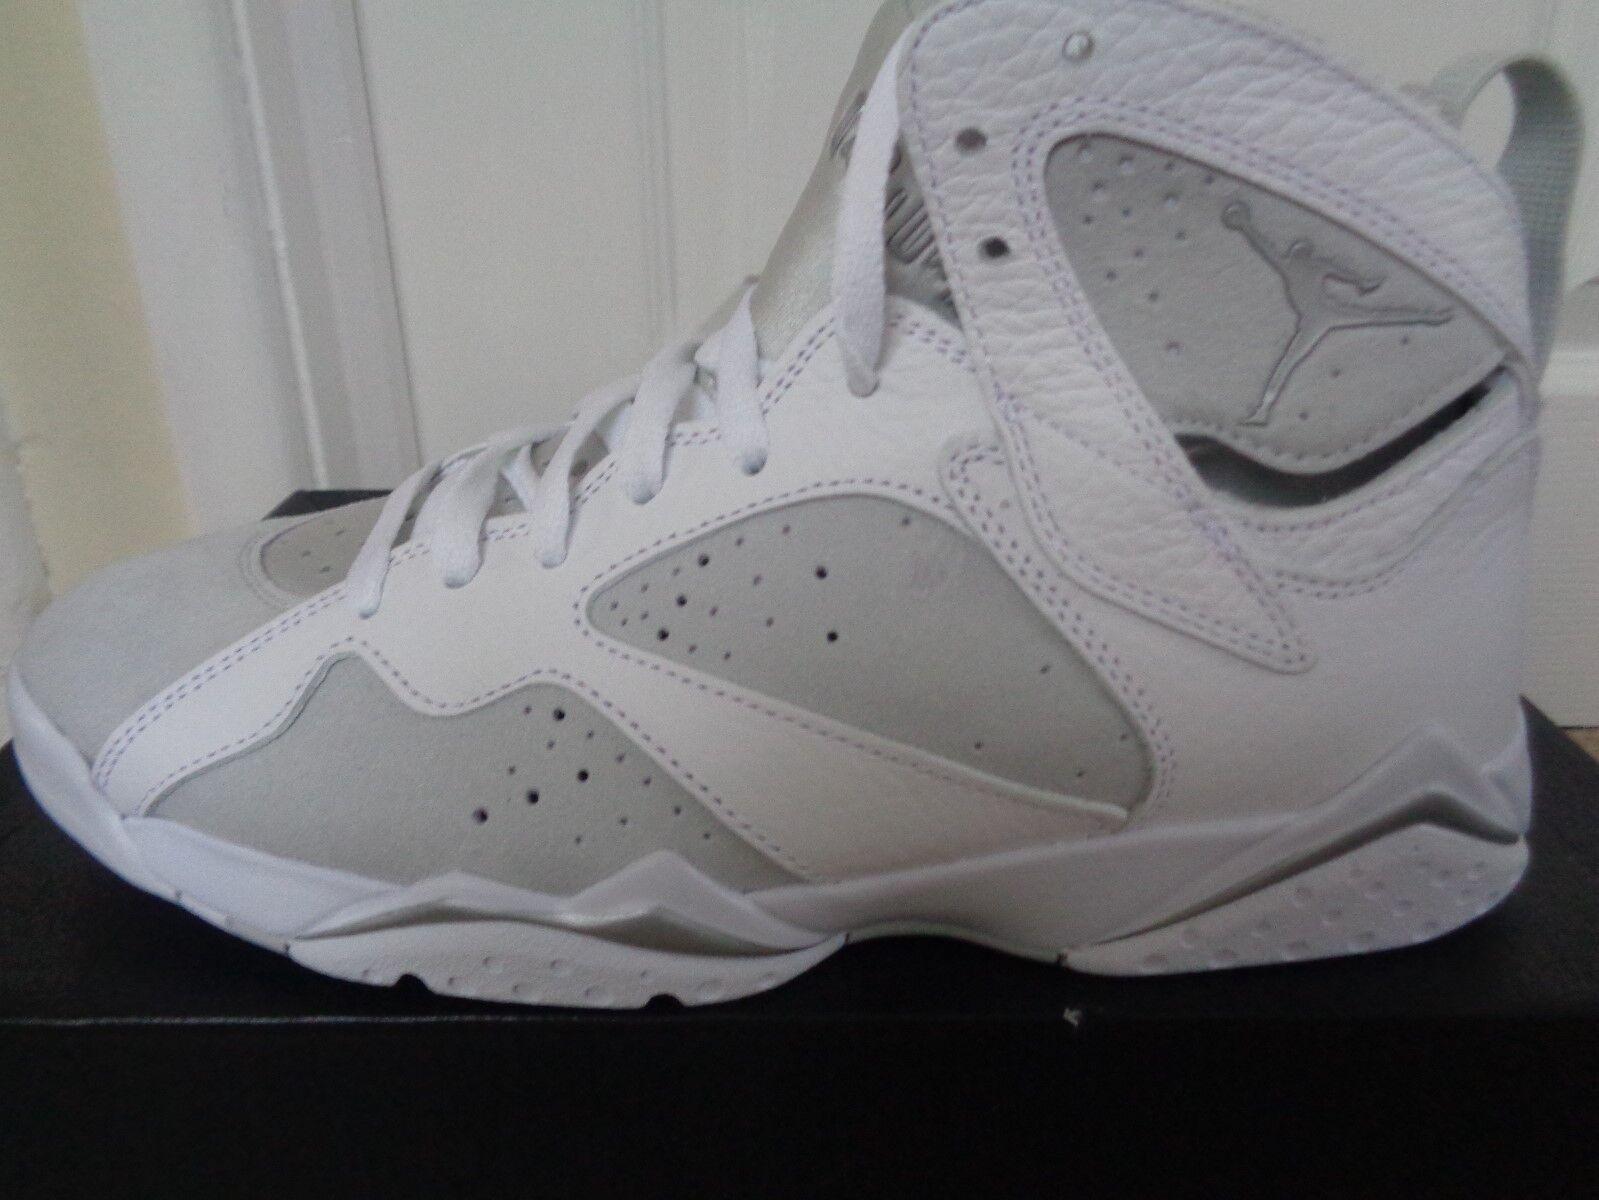 Nike Air Jordan 7 nos Retro Zapatillas  Zapatillas  304775 120 nos 7 9.5 Nuevo + Caja f3342c